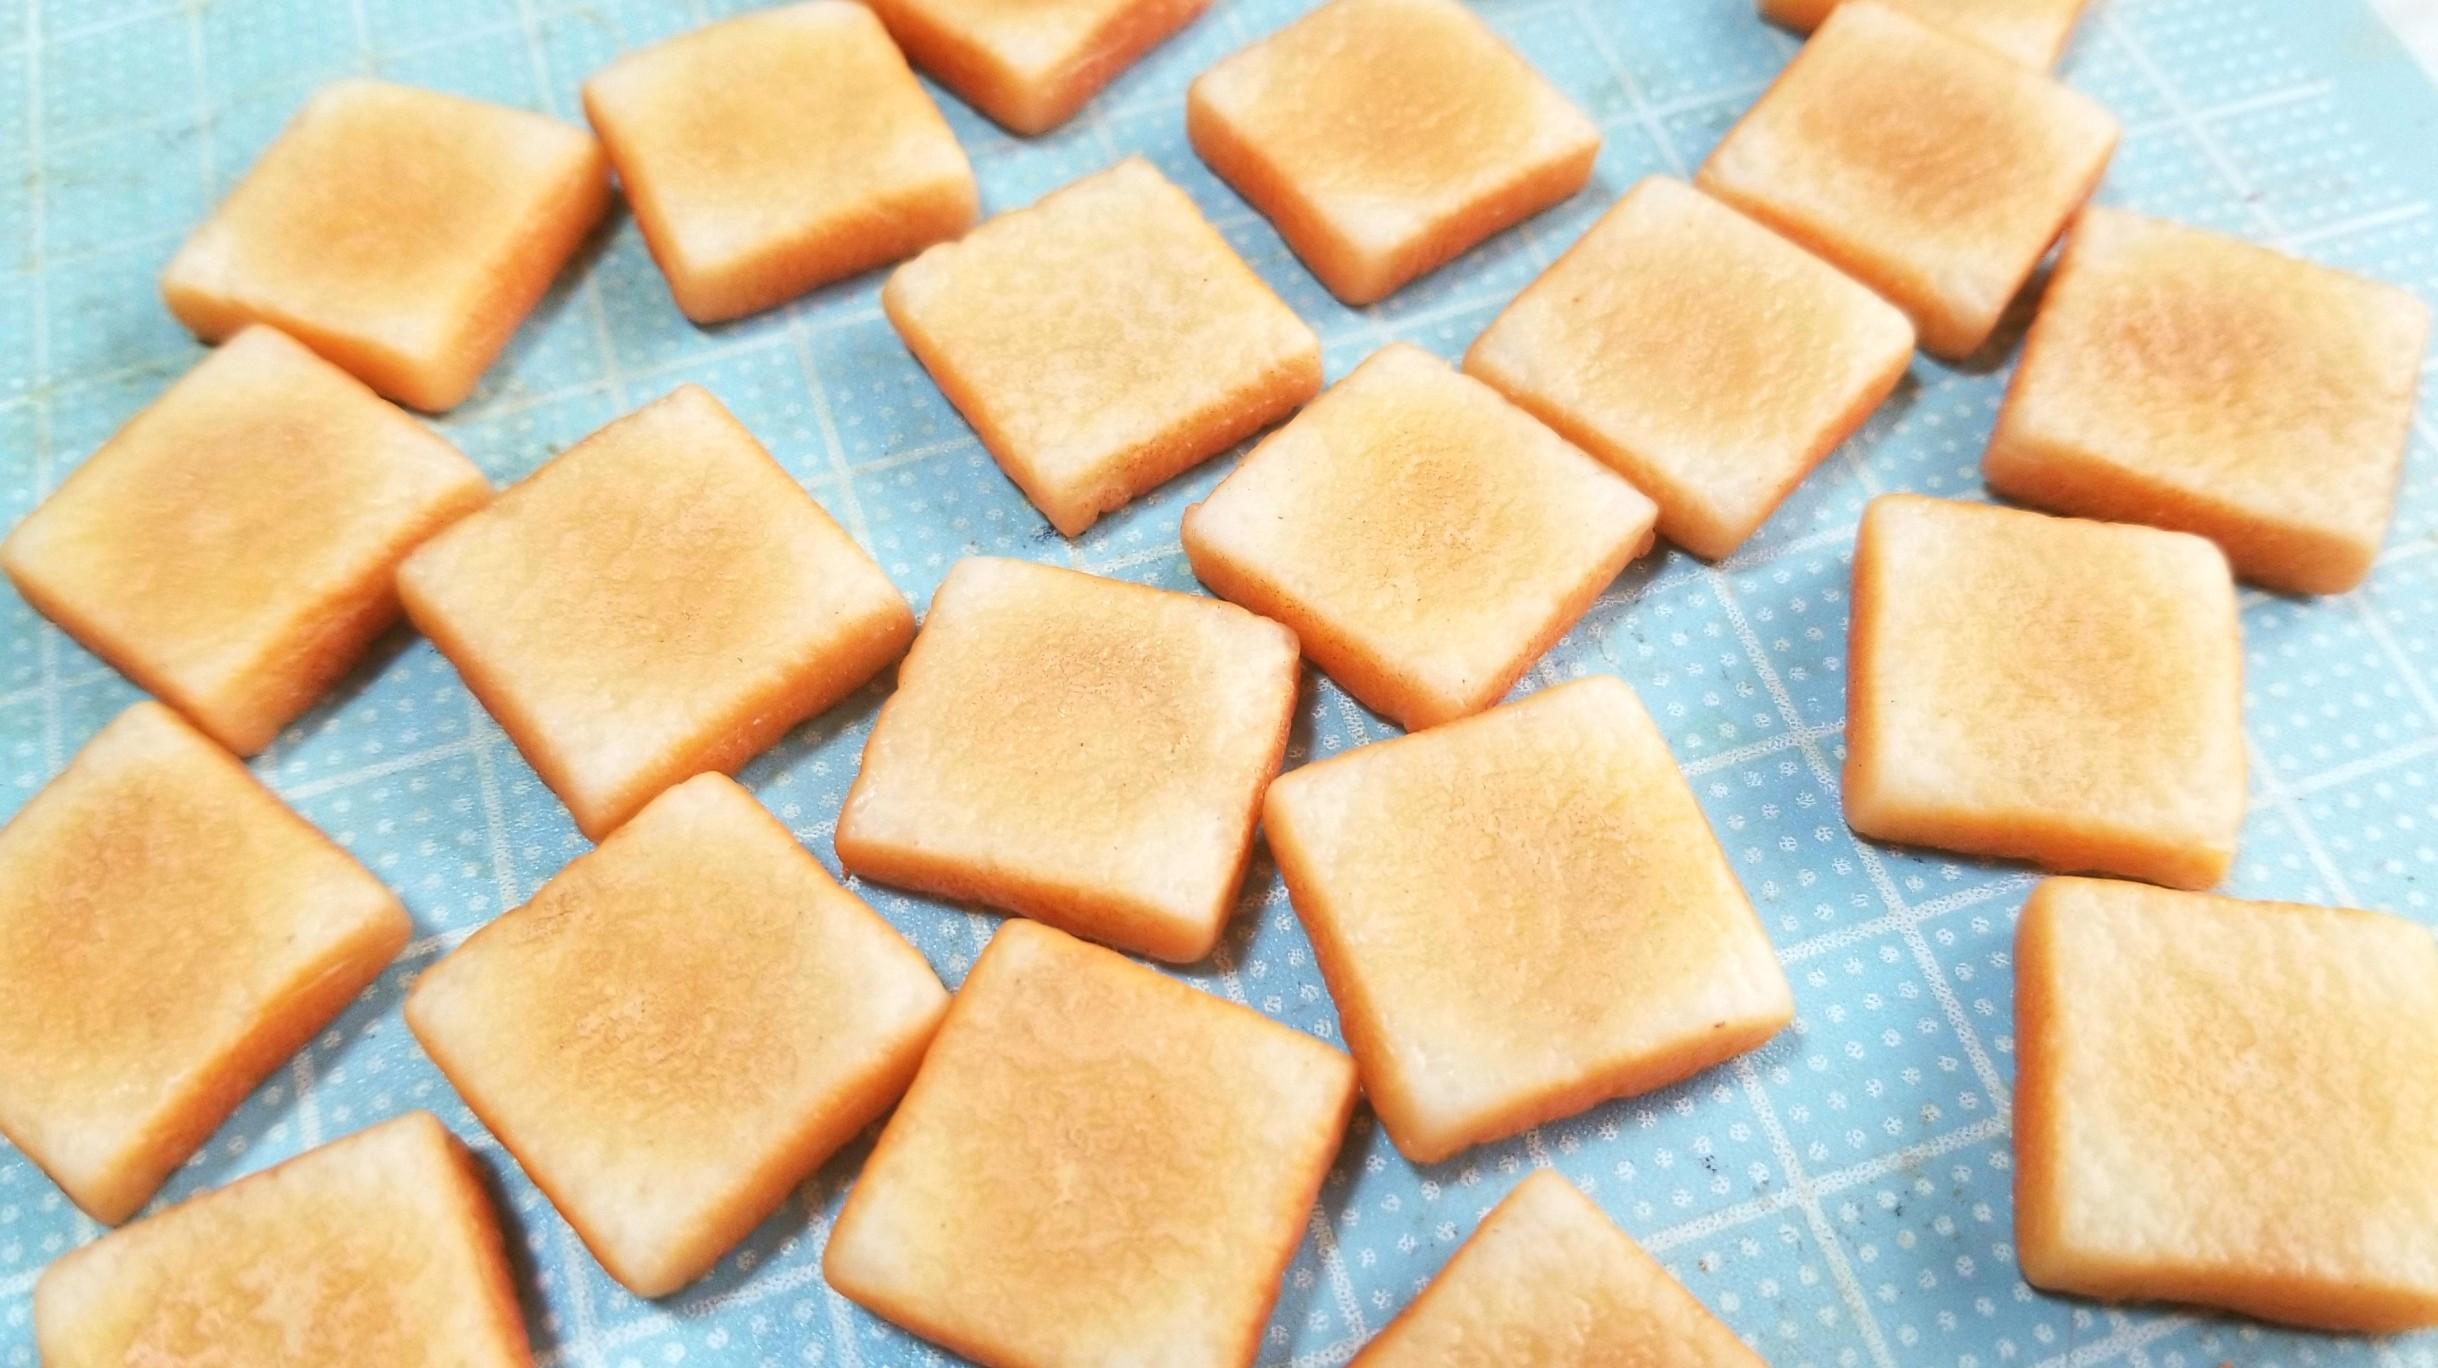 ミニチュアフードの作り方,試行錯誤,自己流アレンジ,可愛手作りパン